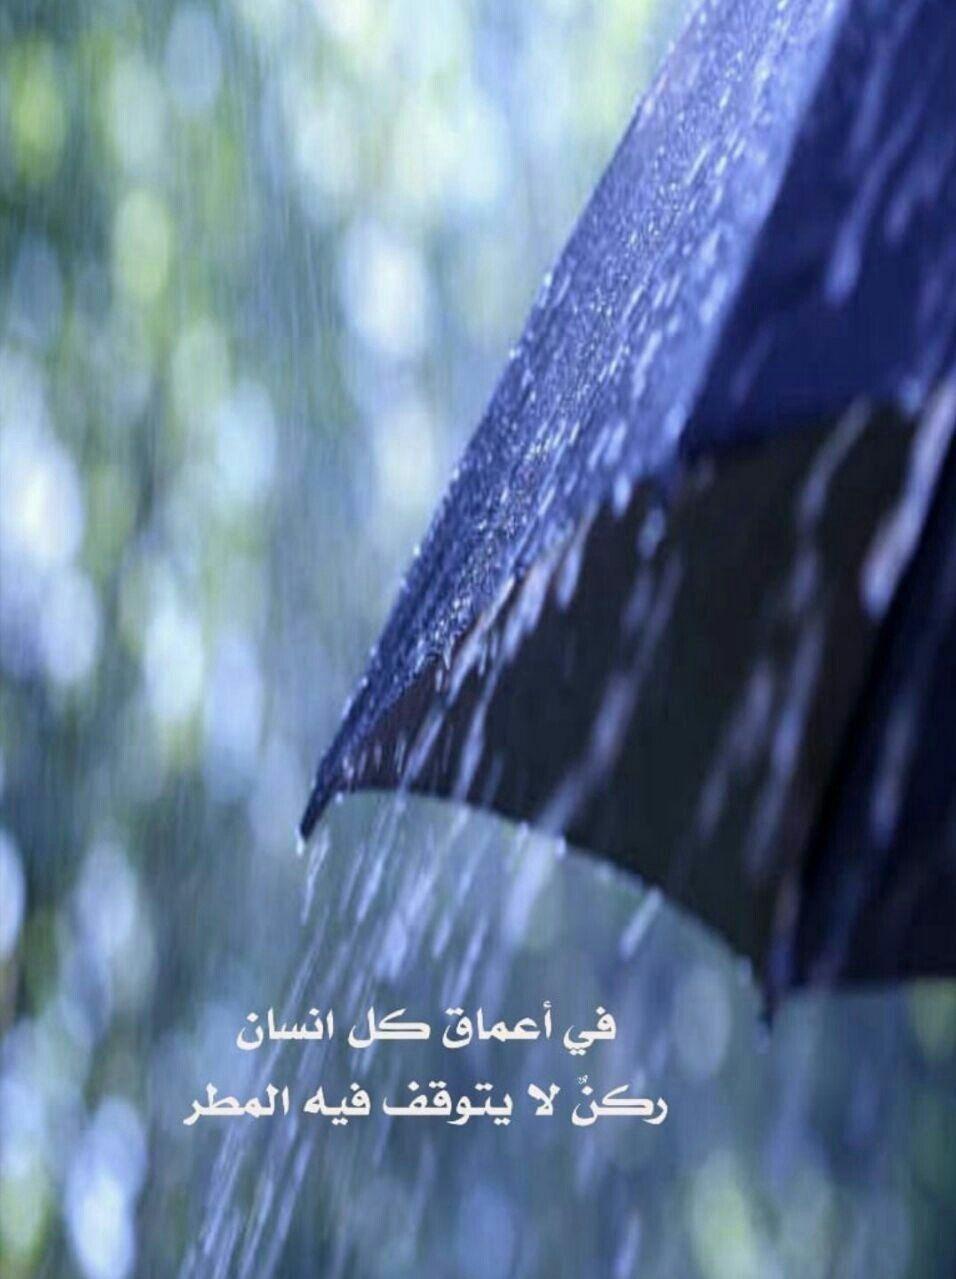 لا جدوى من الاحتماء بمظل ة الكلمات فالصمت أمام المطر أجمل A N S كلنات مطر صمت Movie Posters Movies Poster